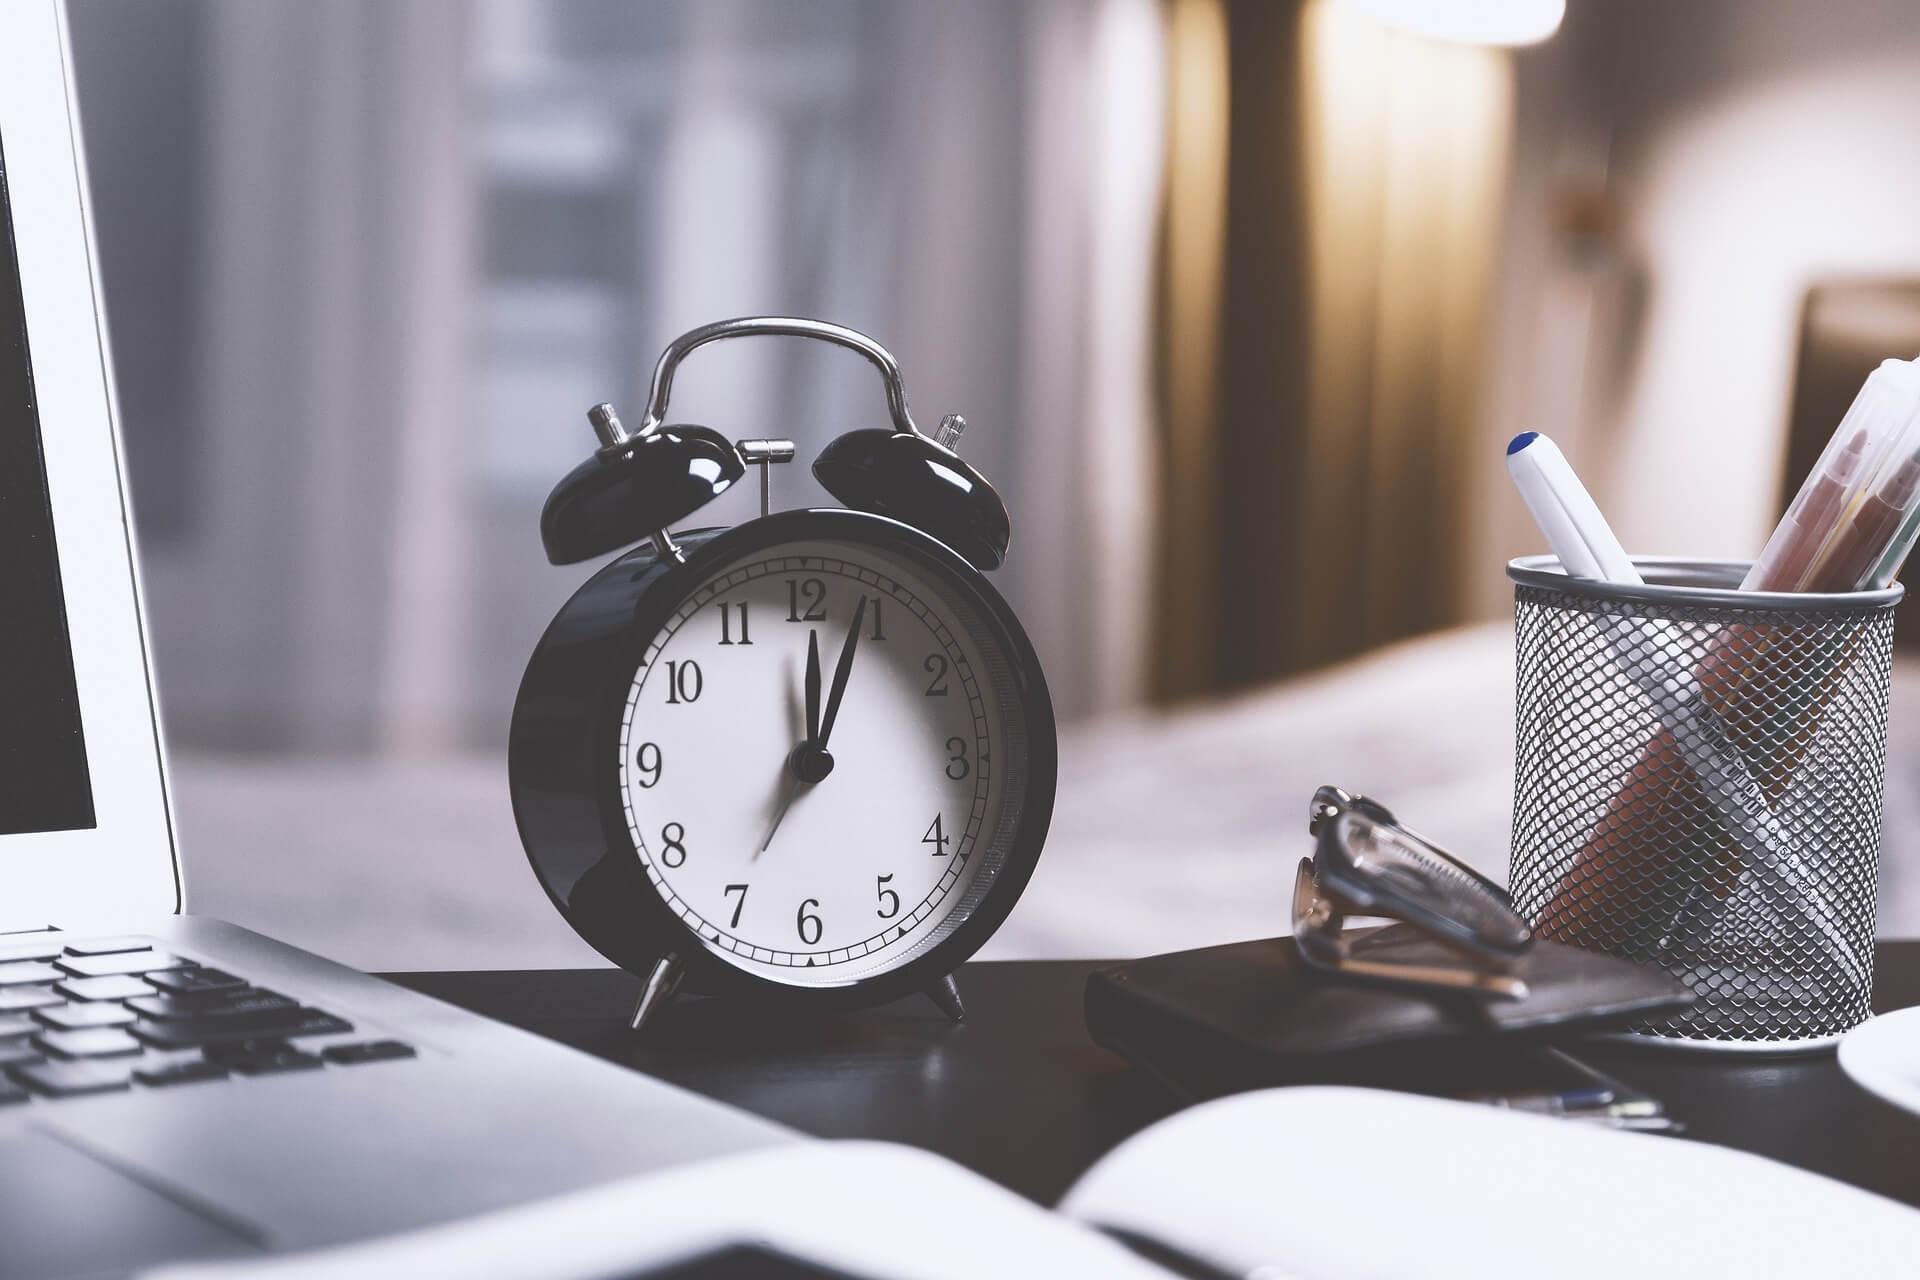 El tiempo y la complejidad de agregar funciones son los principales puntos a mejorar que se encuentran en SAP